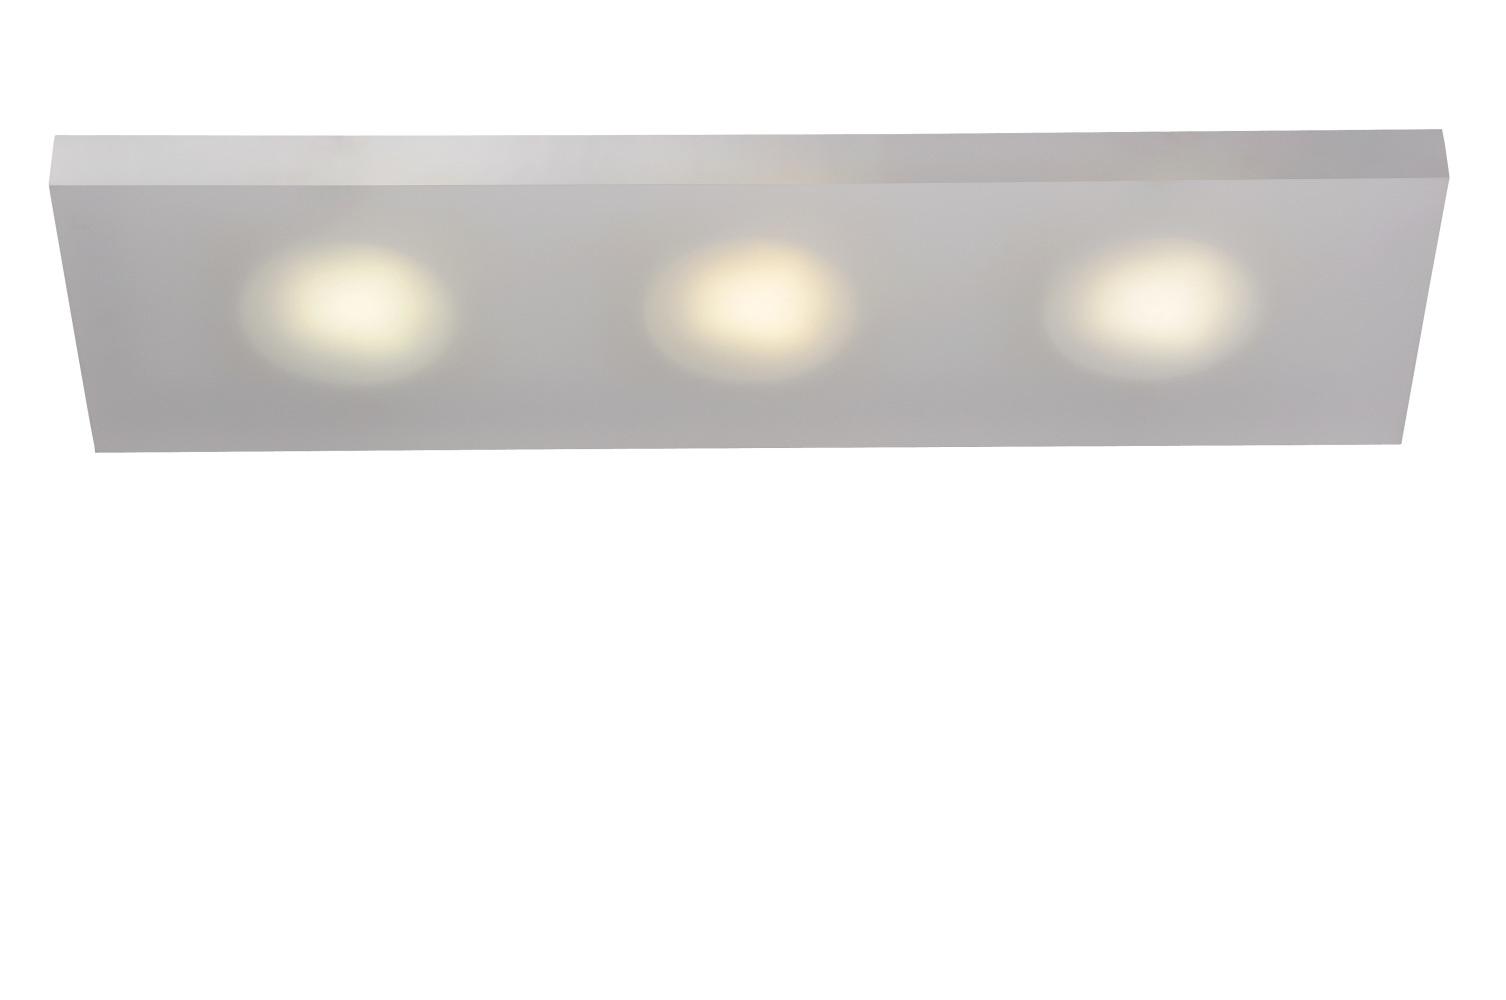 Lucide WINX-LED Wandlicht 3xGX53/7W 6/15/50cm Ijsmat Acry Diverse verlichting